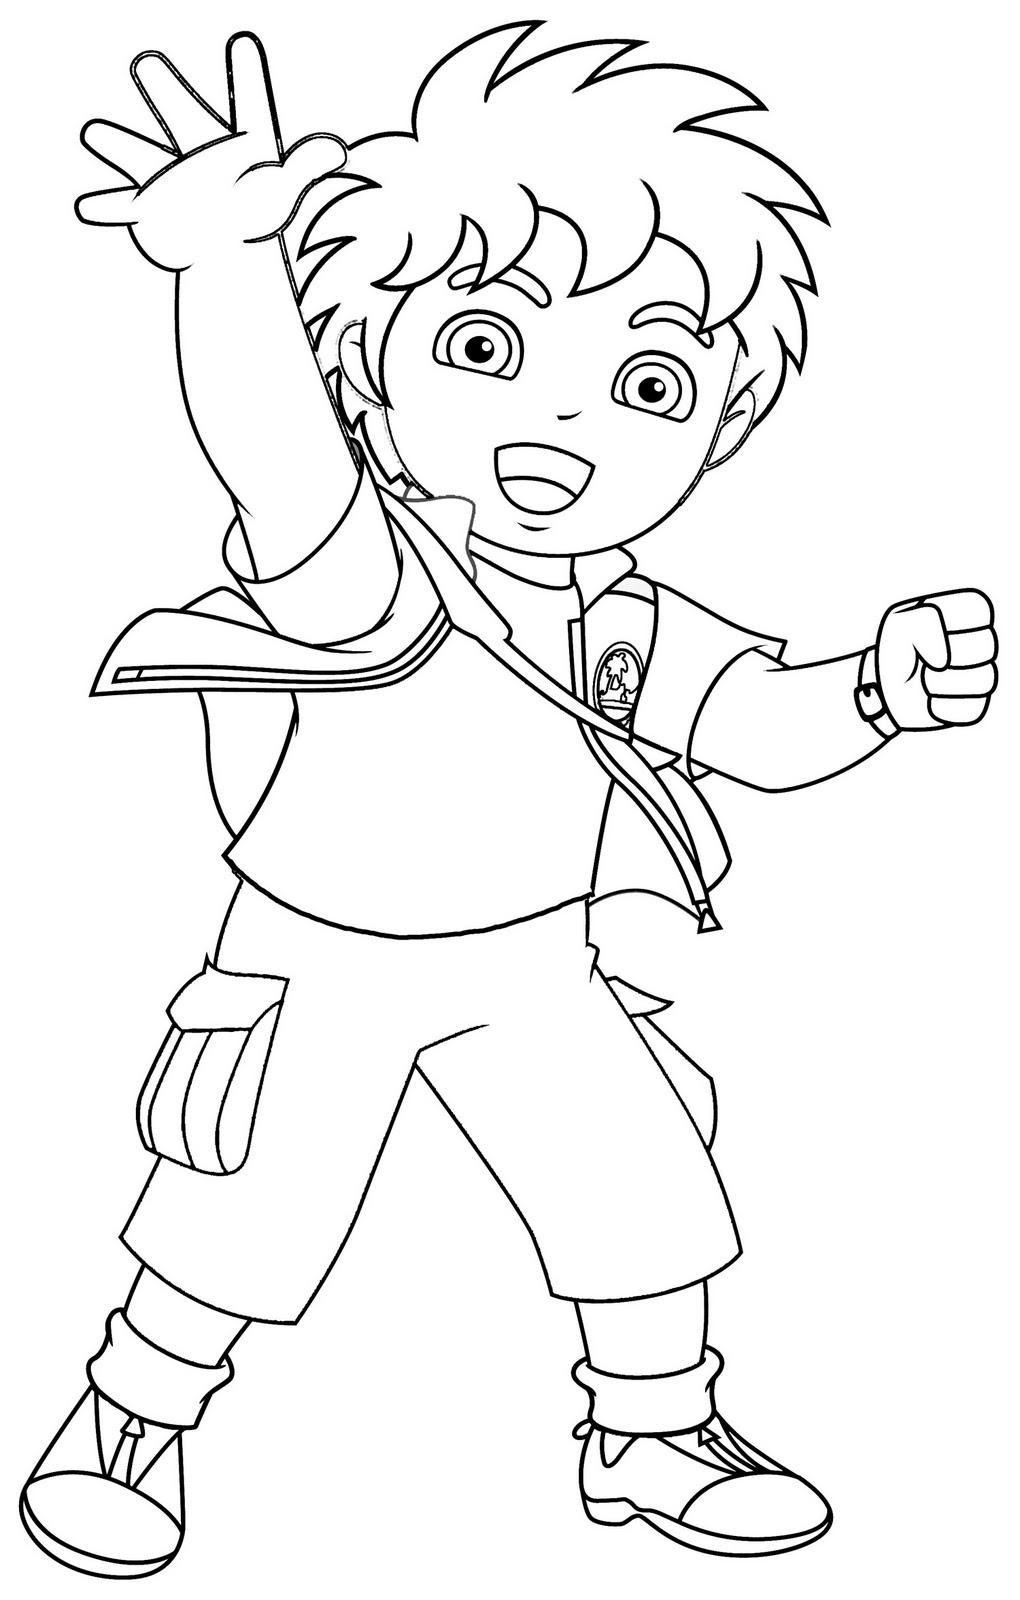 Coloriages diego 5 coloriage diego coloriages pour enfants - Dessin a colorier de dora ...